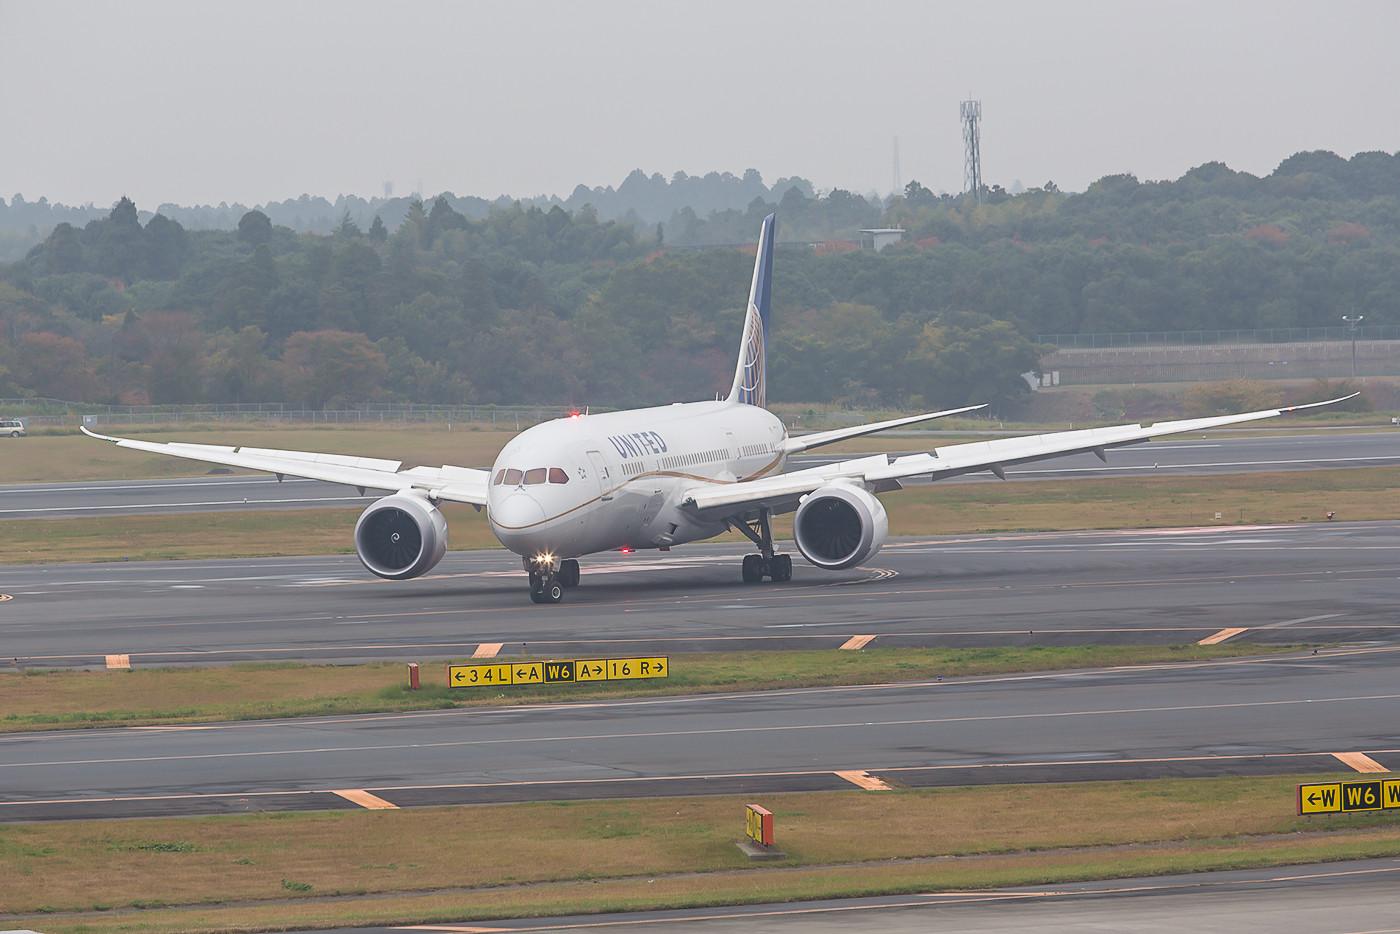 United ist die erste US-Airline,die den Dreamliner betreibt.